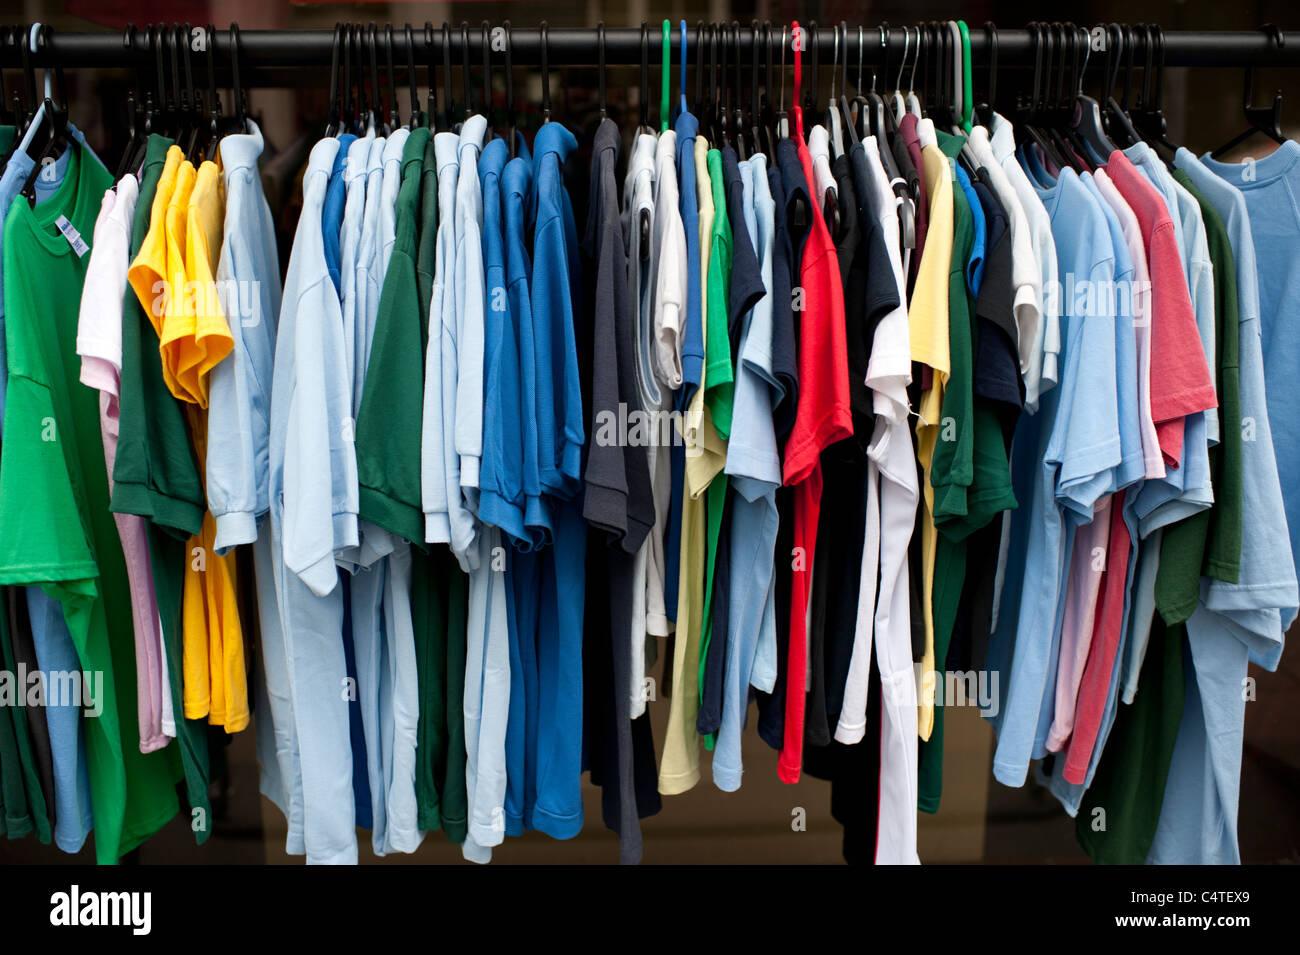 Un rack a basso prezzo di magliette polo sport sulla vendita, REGNO UNITO Immagini Stock